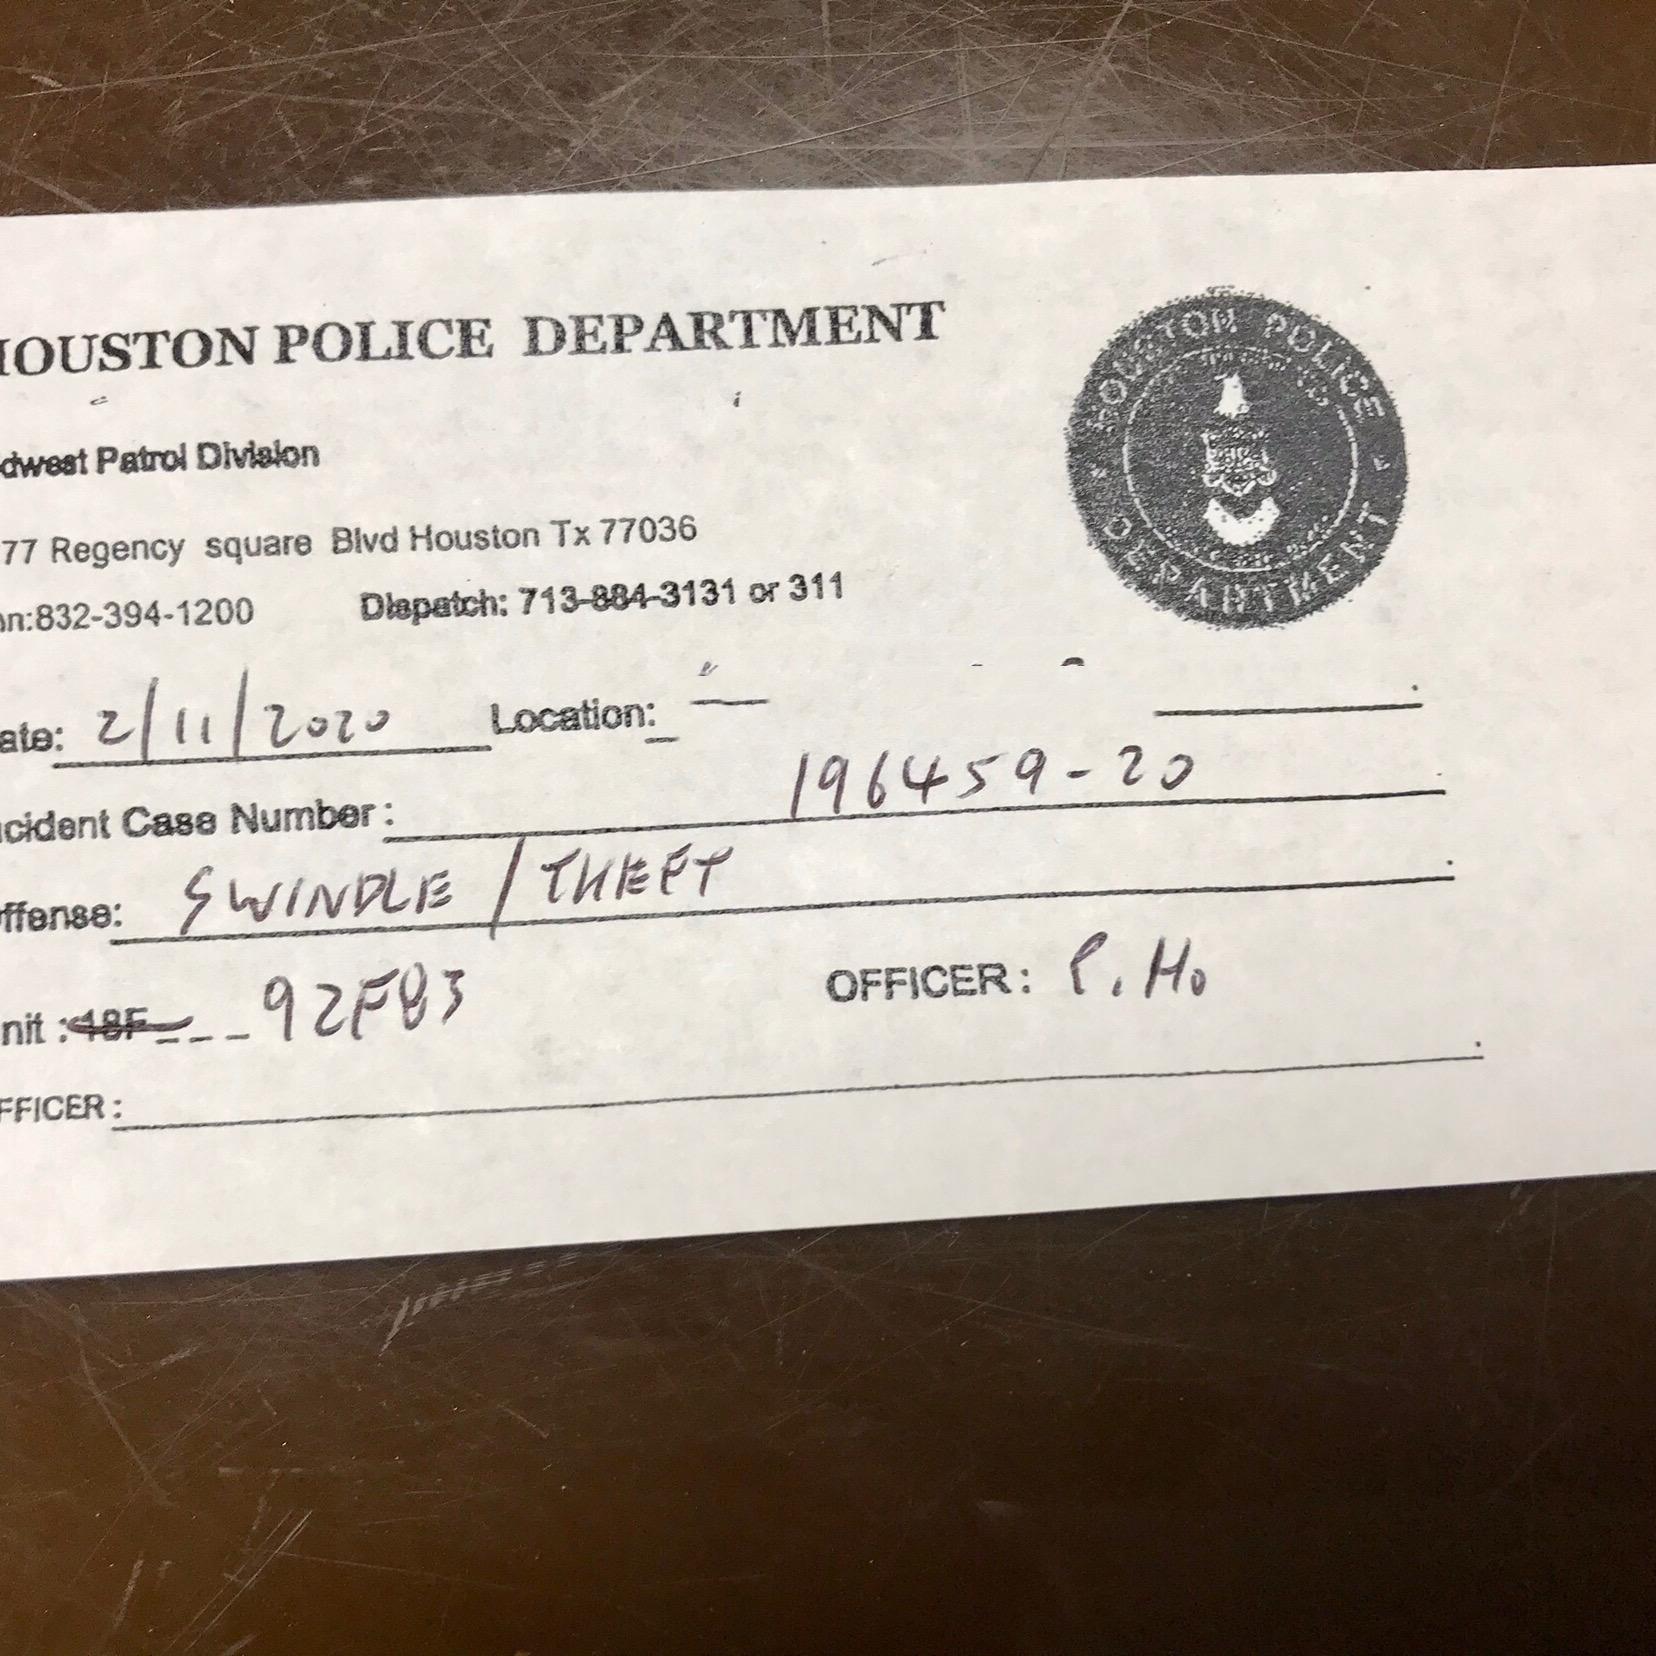 11日遭到詐騙的受害人立即報案,警方立案處理。(記者封昌明/攝影)